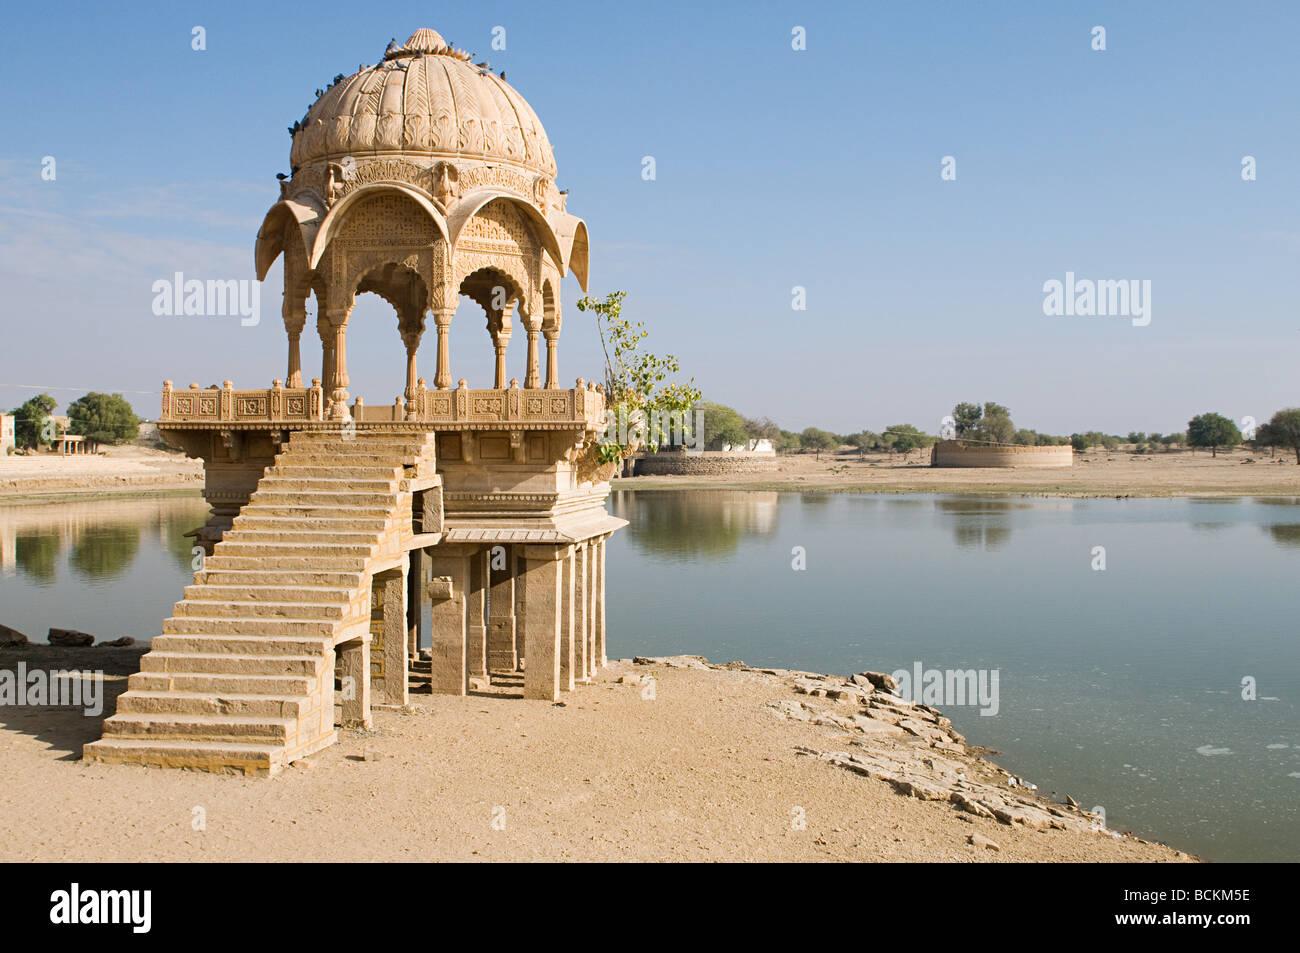 Stone tower by gadi sagar lake - Stock Image